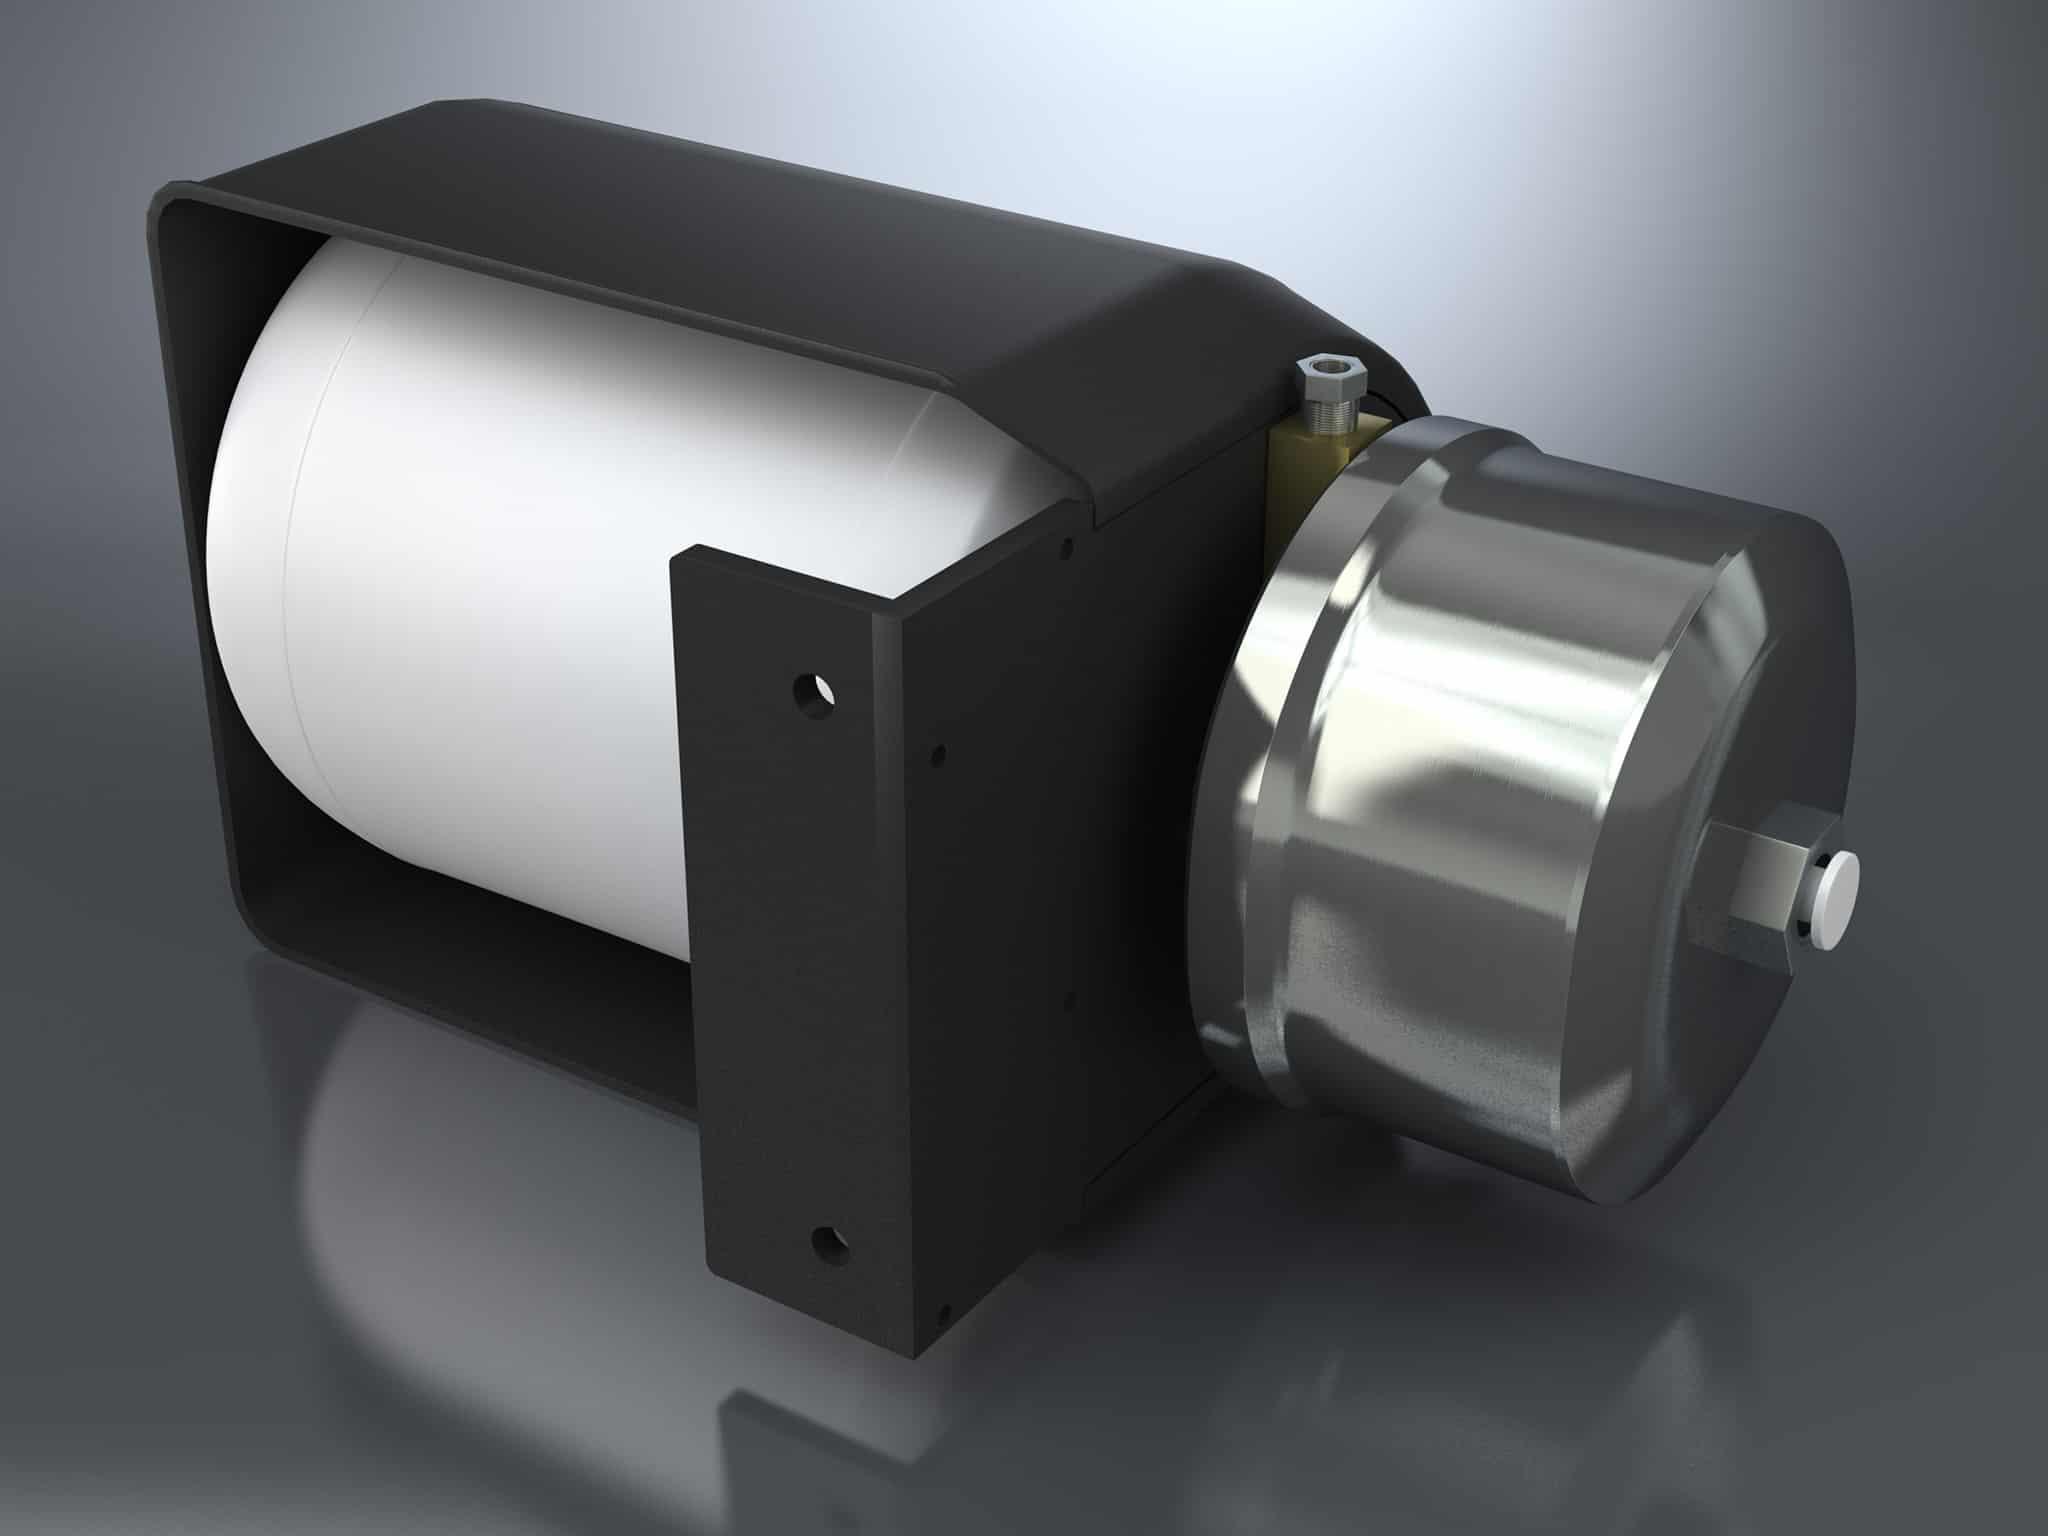 Fotorealistische 3D Darstellung eines Ausgleichbehälters für Hydraulikflüssigkeit